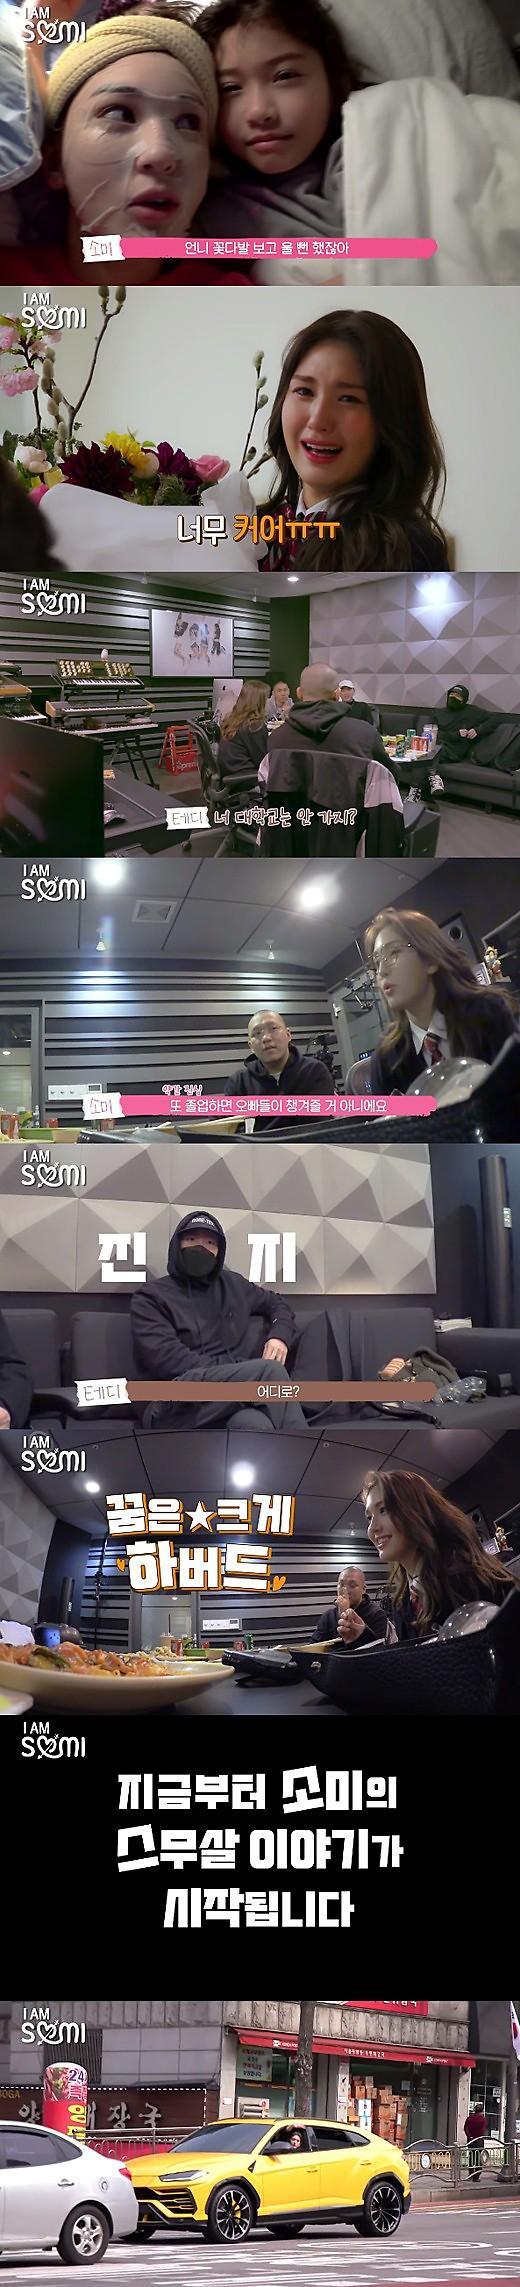 아이엠 소미 전소미, 눈물의 졸업식부터 람보르기니까지…일상공개